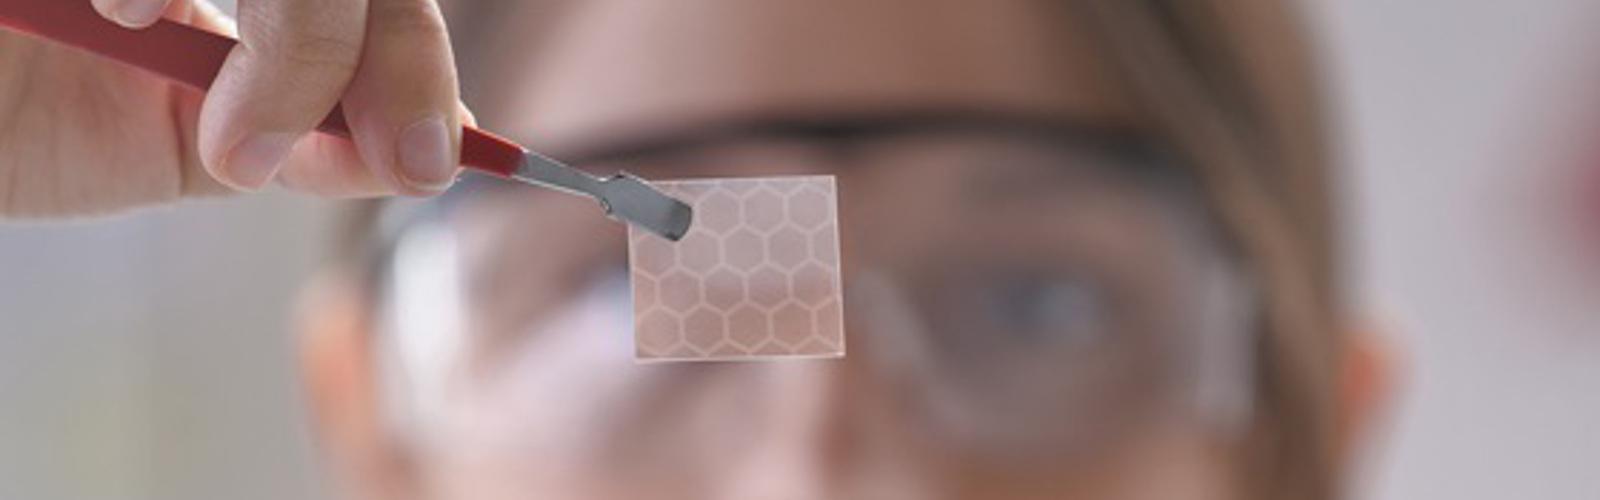 Zu sehen ist im Hintergrund eine Frau, die mit einer Pinzette eine Materialprobe hochhält